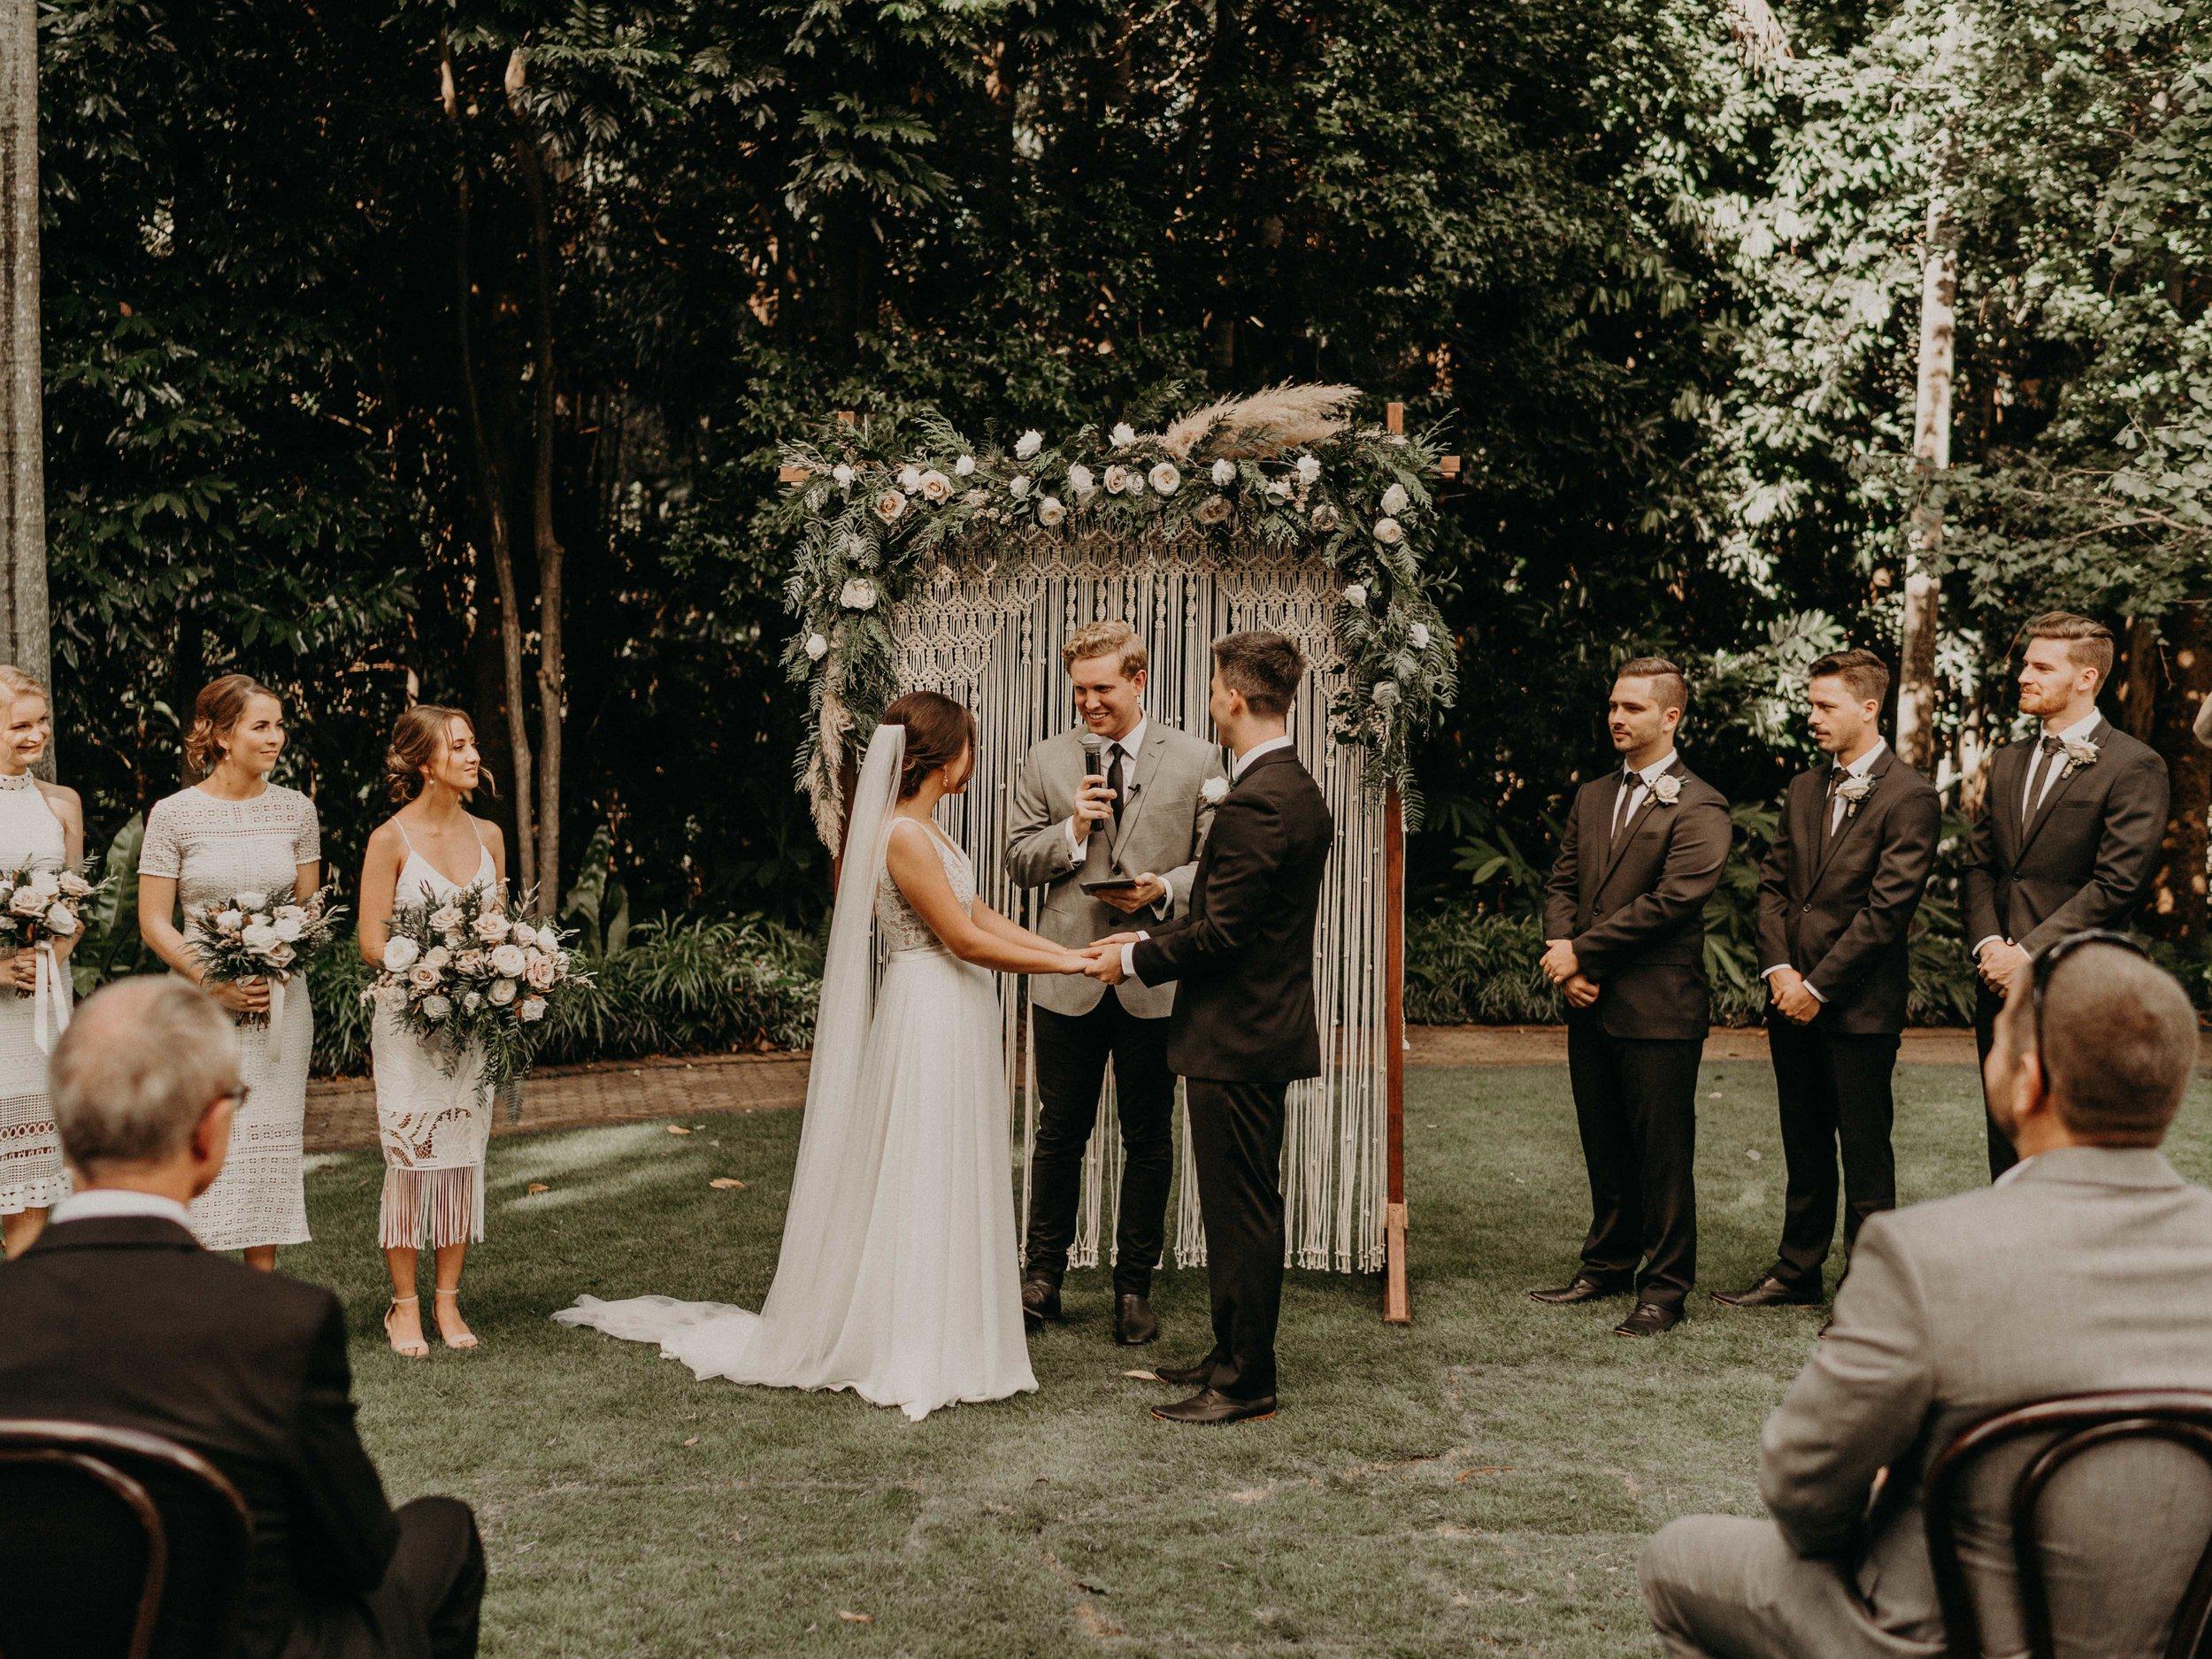 BeauxArtCo_Colette&Norton_Ceremony-160.jpg